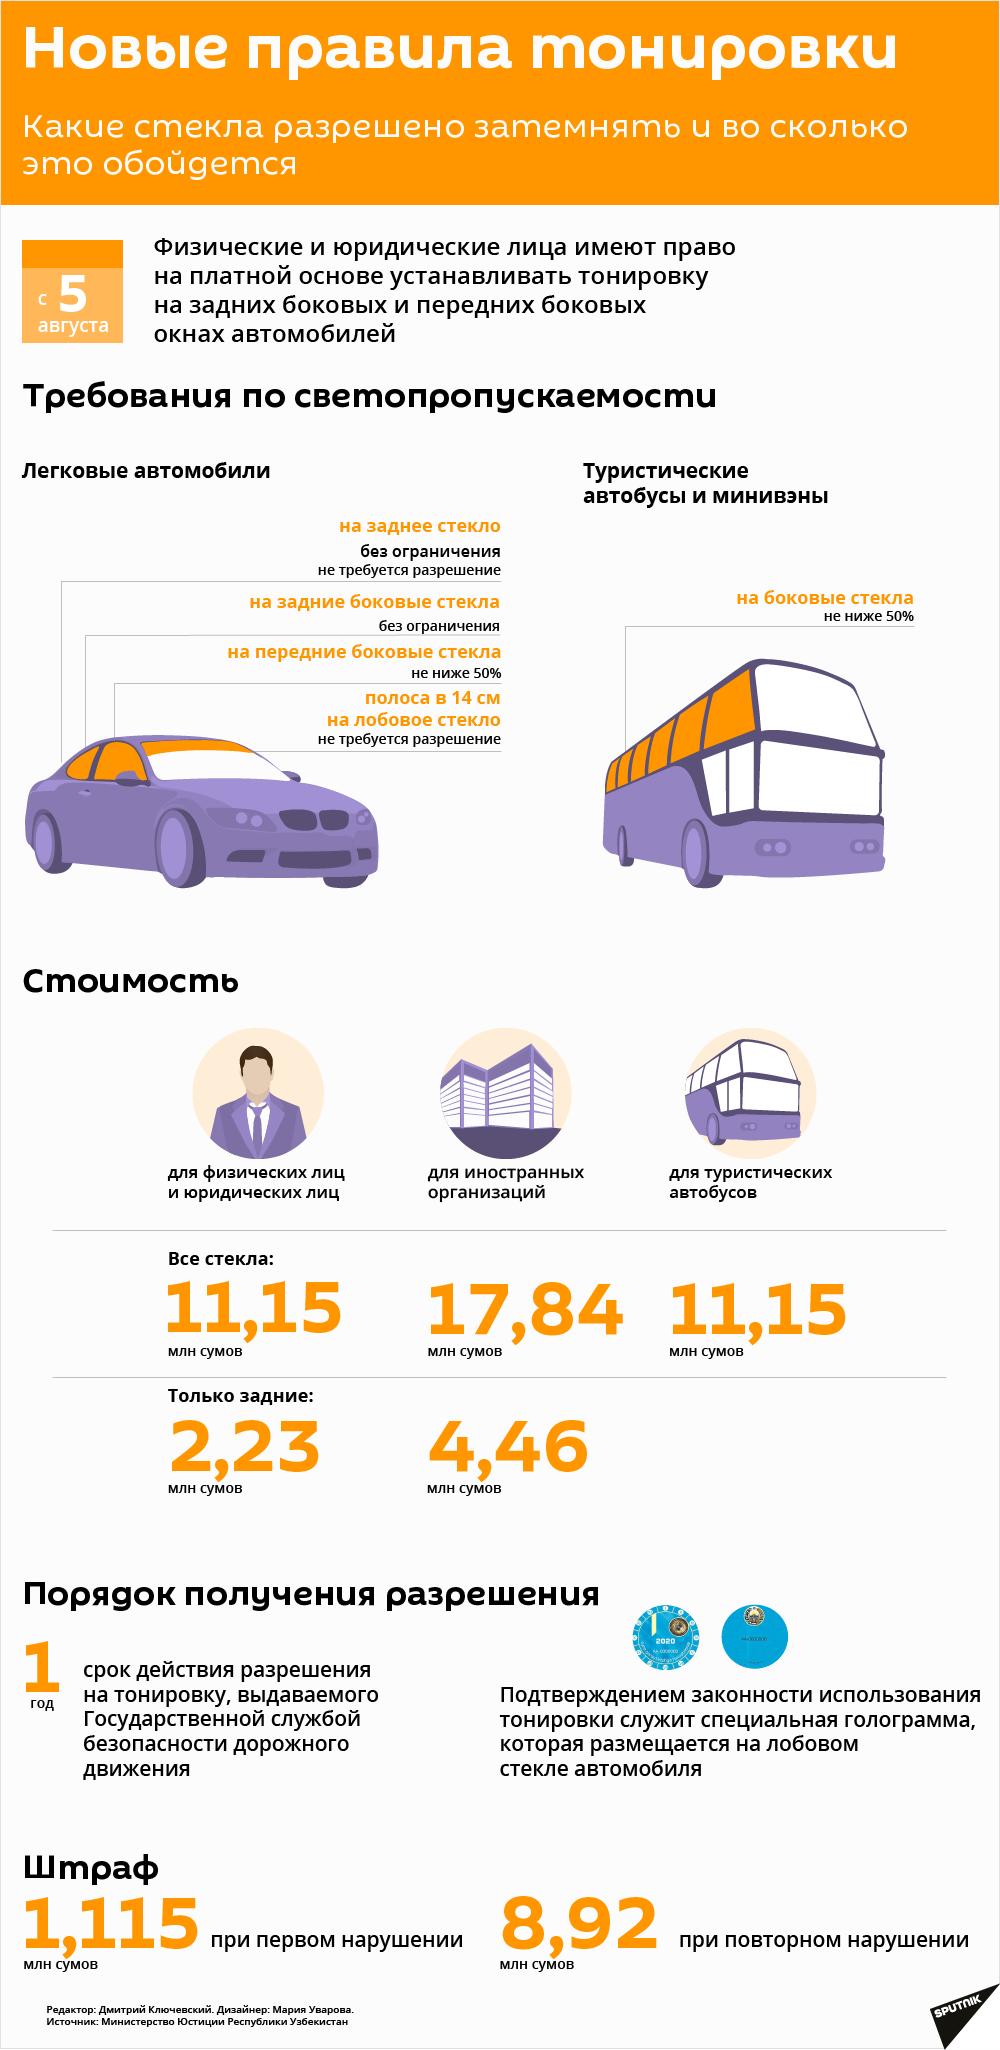 Все, что нужно знать о тонировке в Узбекистане - Sputnik Узбекистан